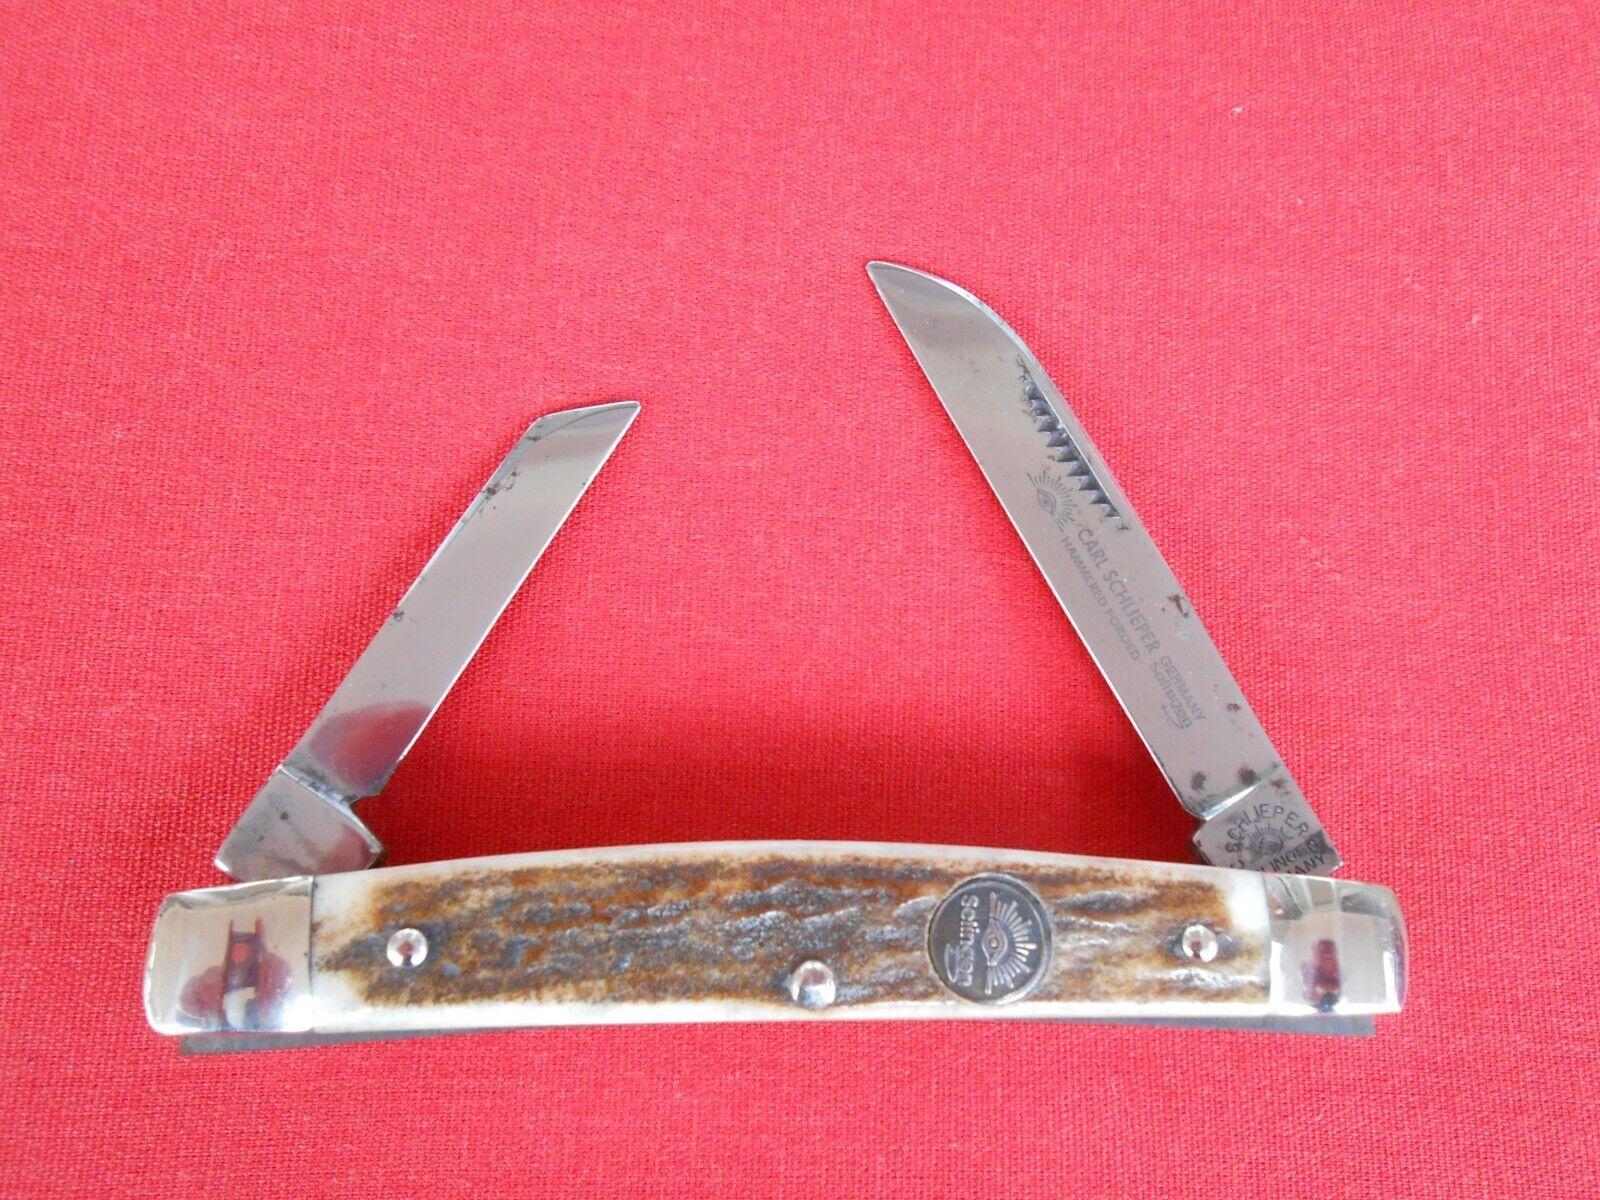 C. SCHLIEPER EYE BRAND 54 DS HALF CONGRESS STAG HANDLES KNIFE